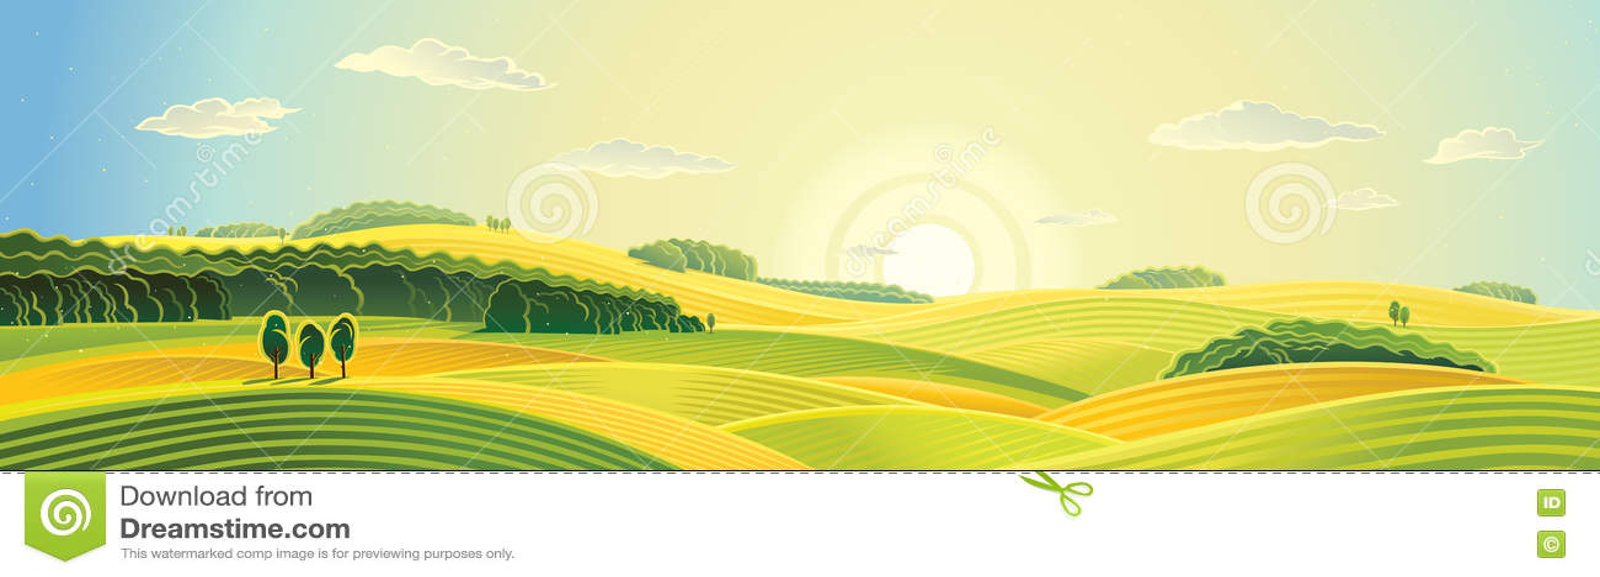 Lato wiejski krajobraz